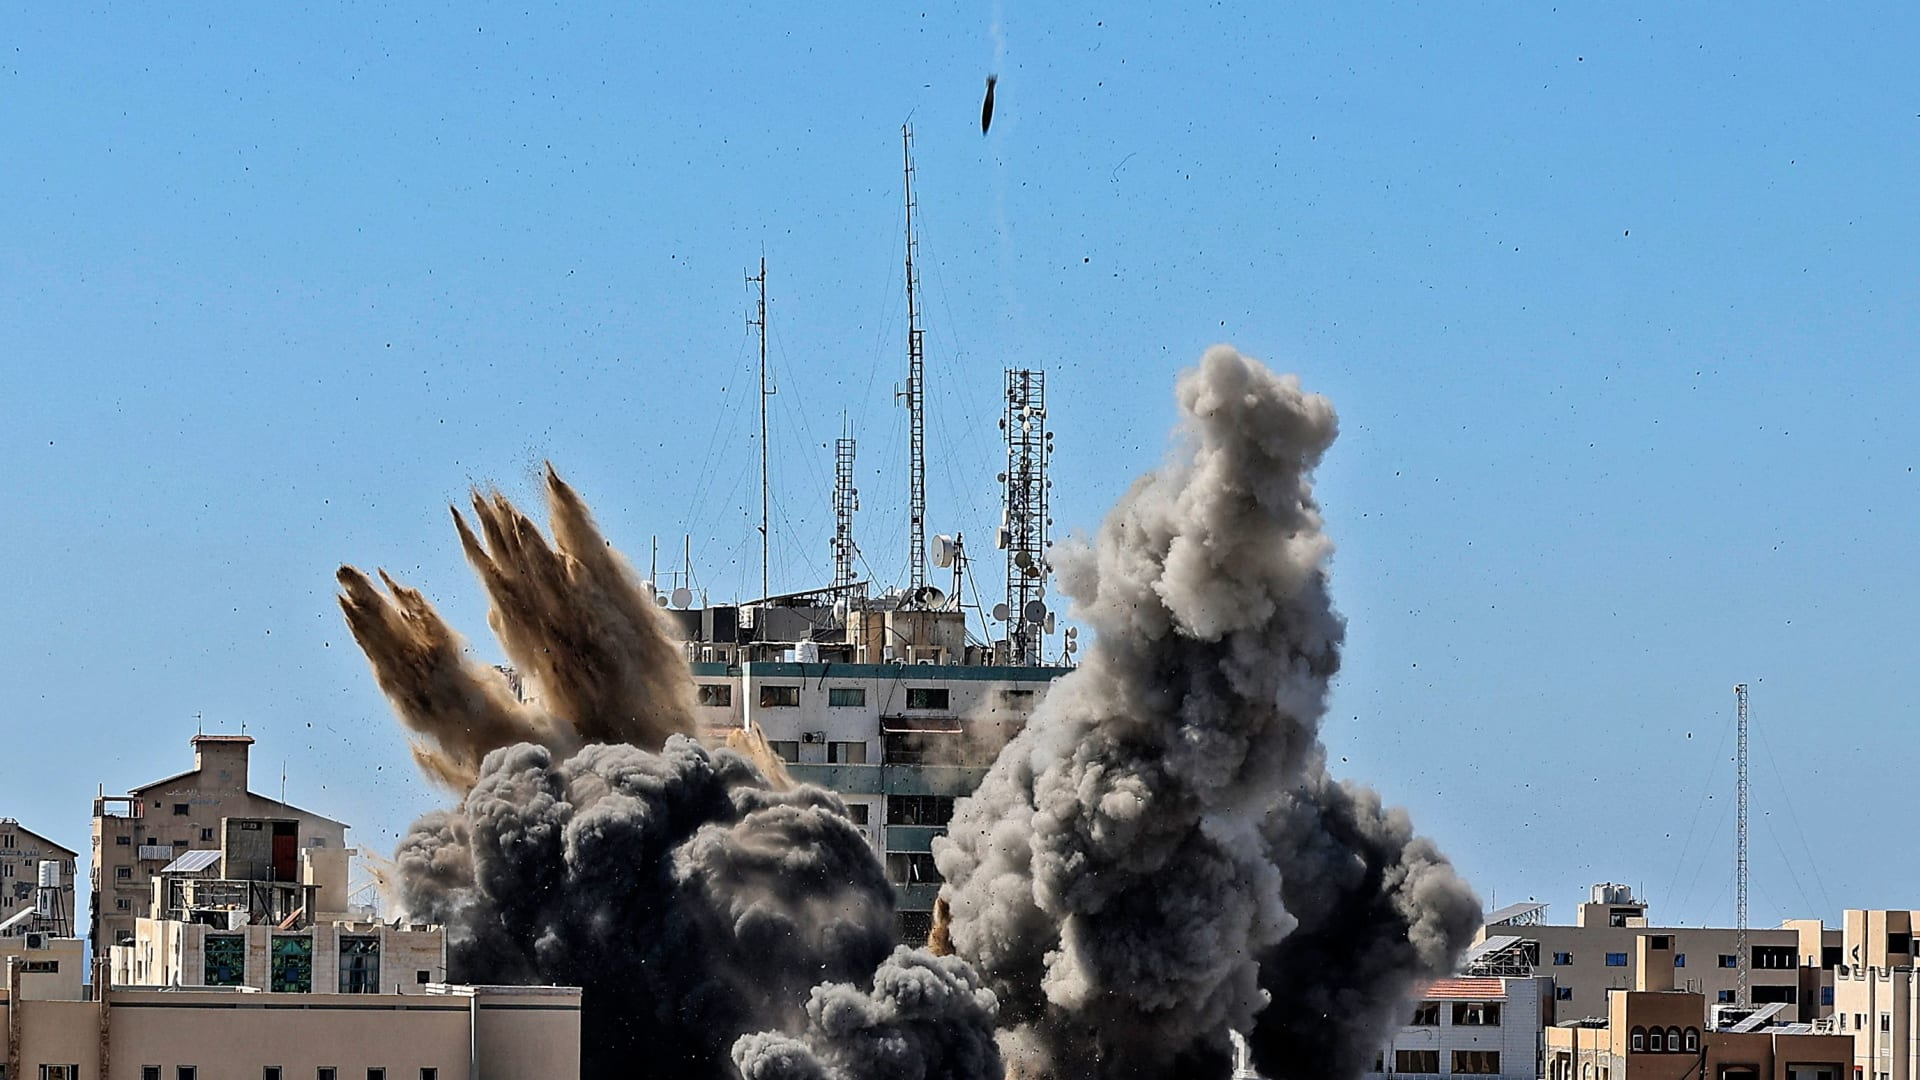 لحظة قصف مبنى الجلاء، مقر عدد من وسائل الإعلام العالمية في غزة